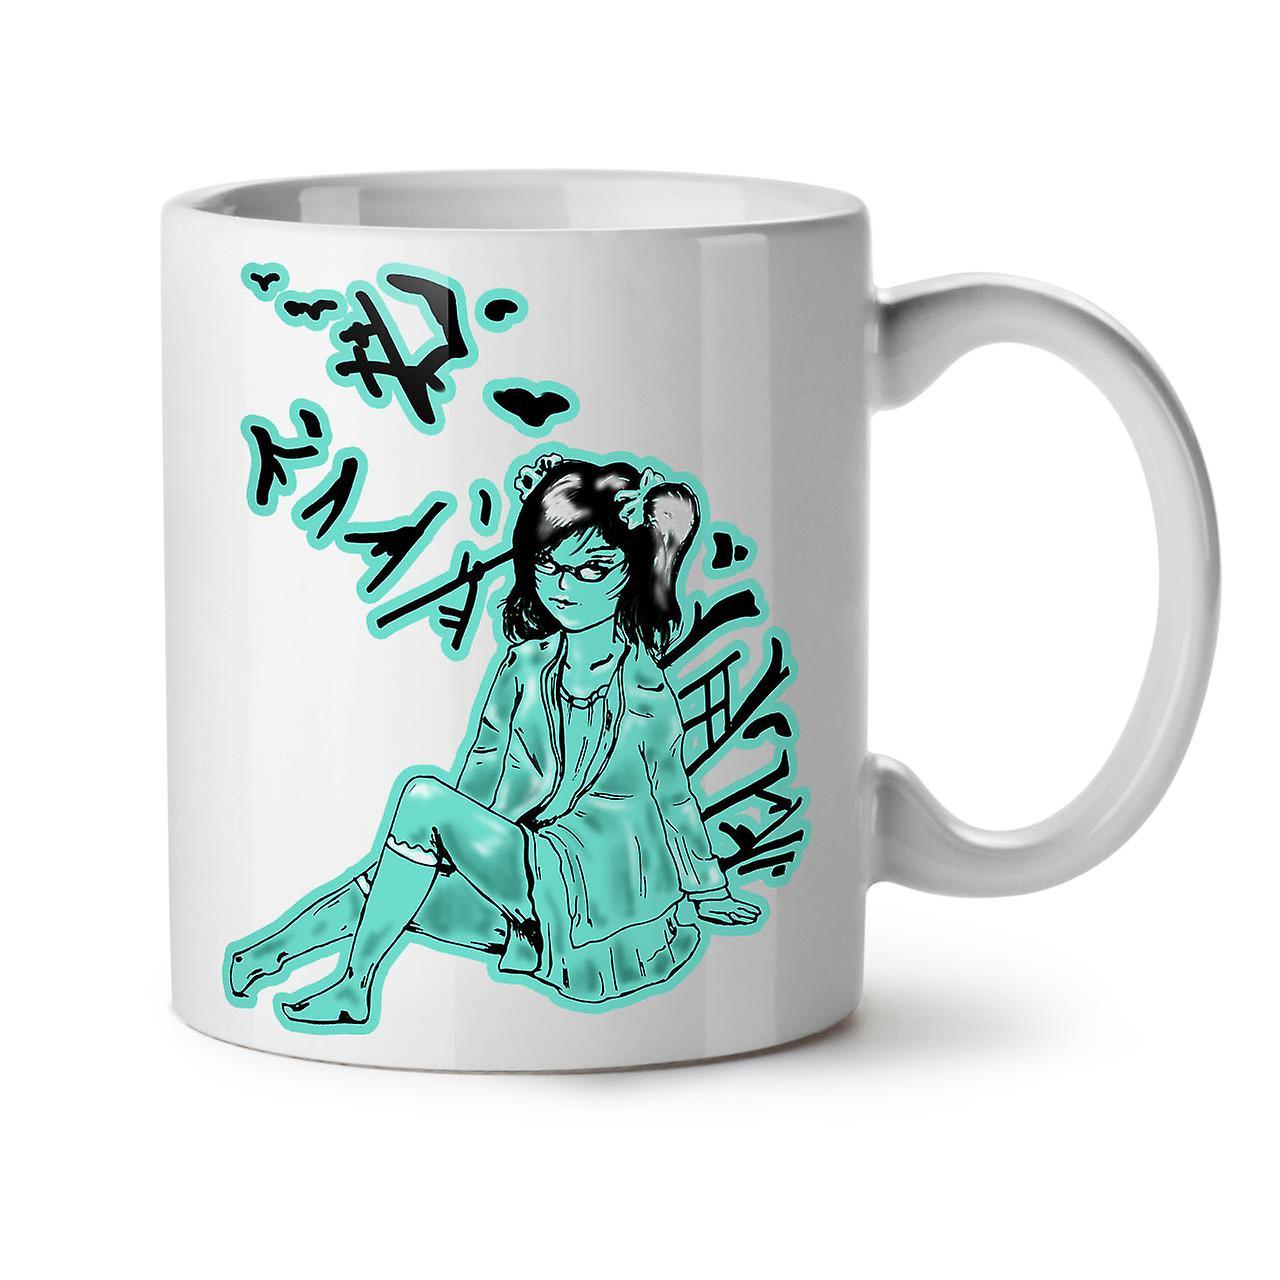 Café Céramique OzWellcoda Mystique Thé Blanc Nouveau 11 Asiat Tasse Y67byfg